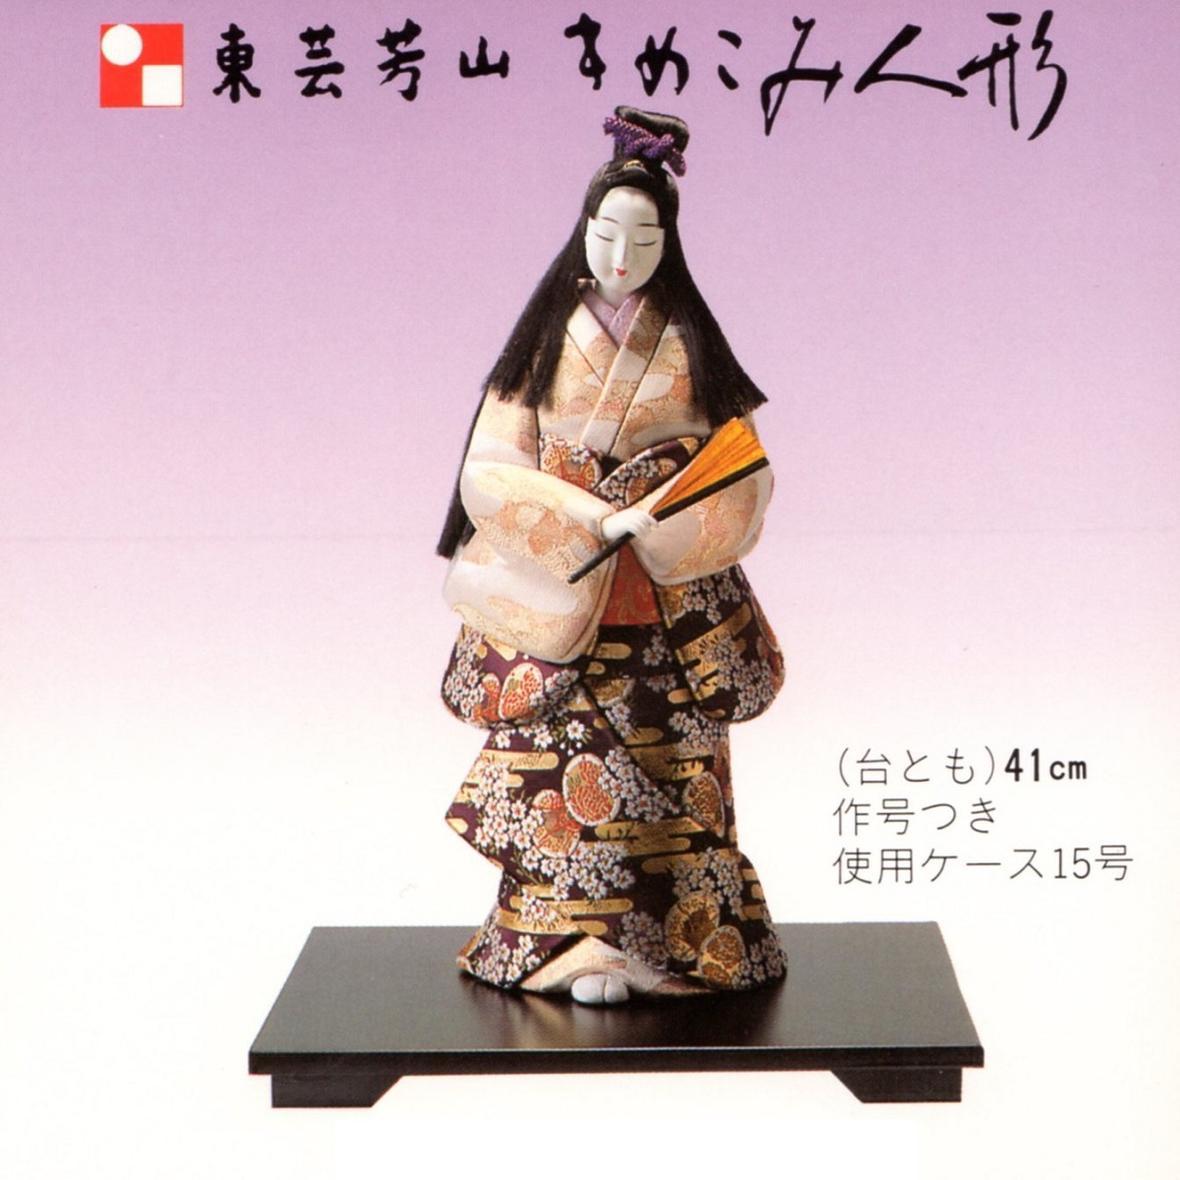 東芸 木目込人形キット「立姿・花衣」(はなごろも) S231-15